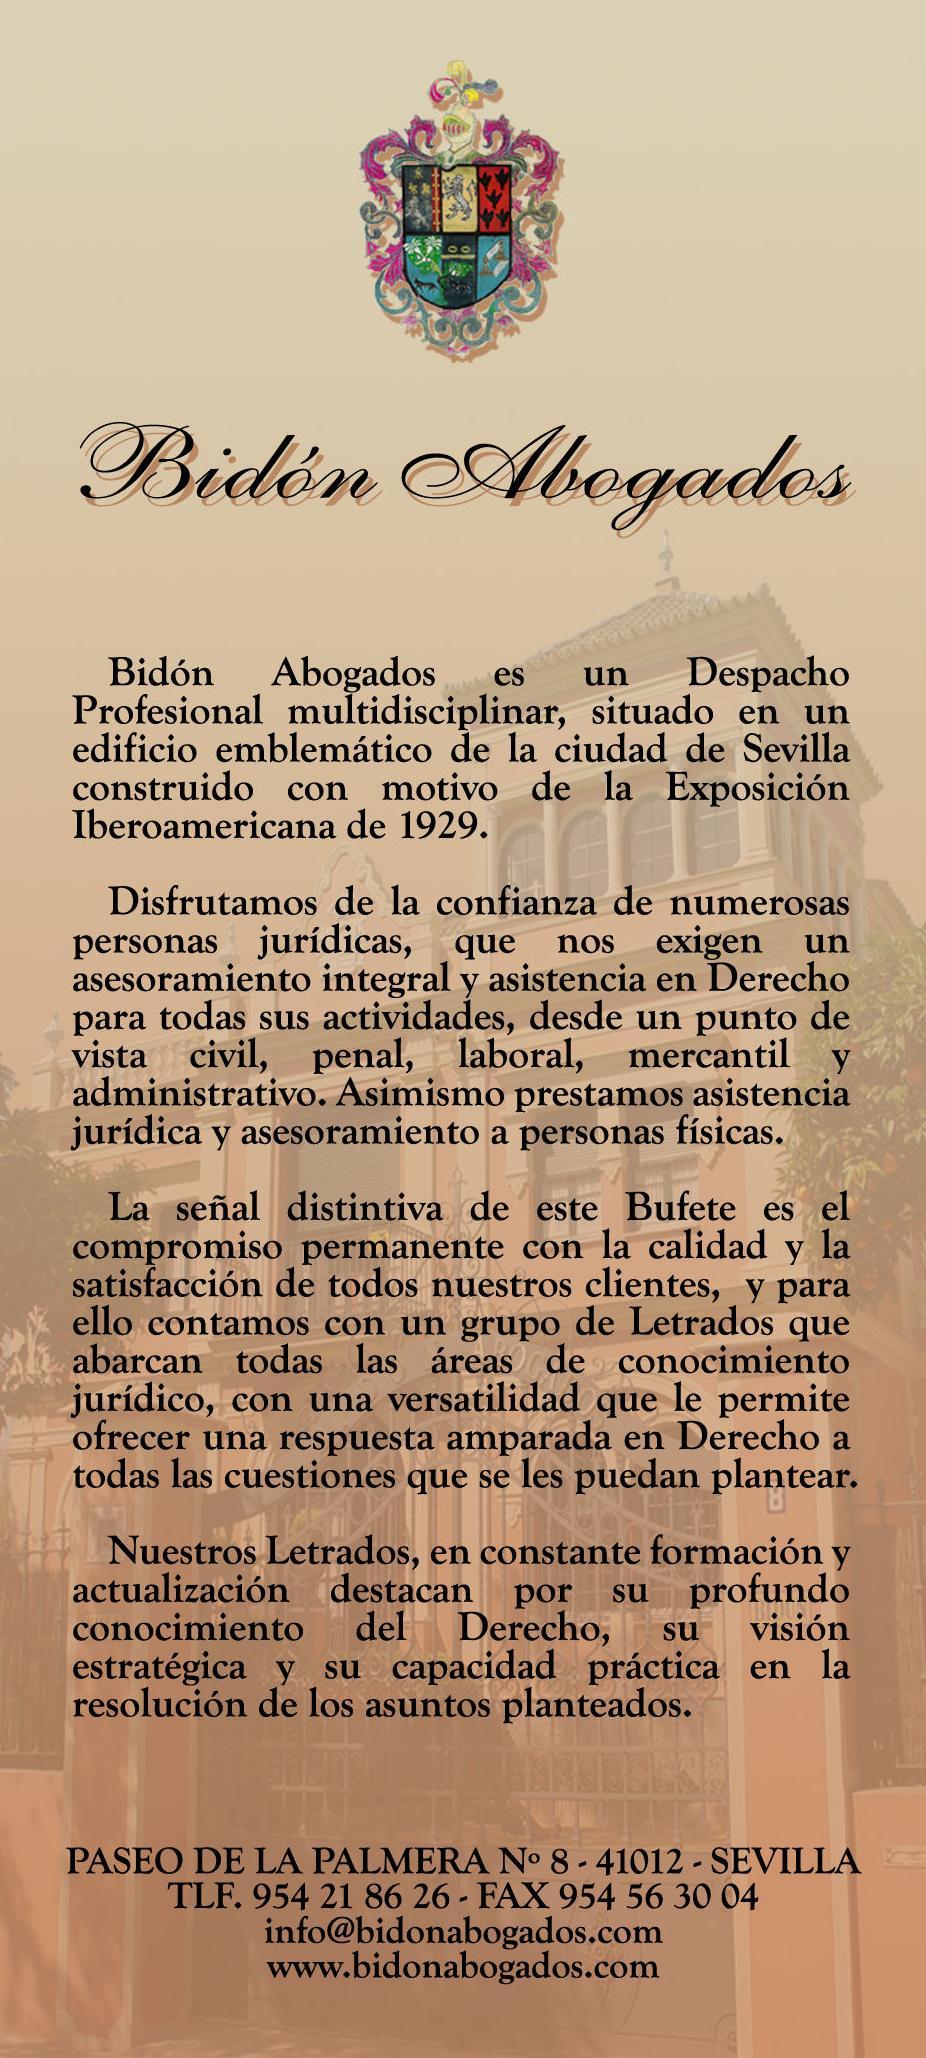 Foto 12 de Abogados en Sevilla | Bidón Abogados, S.L.